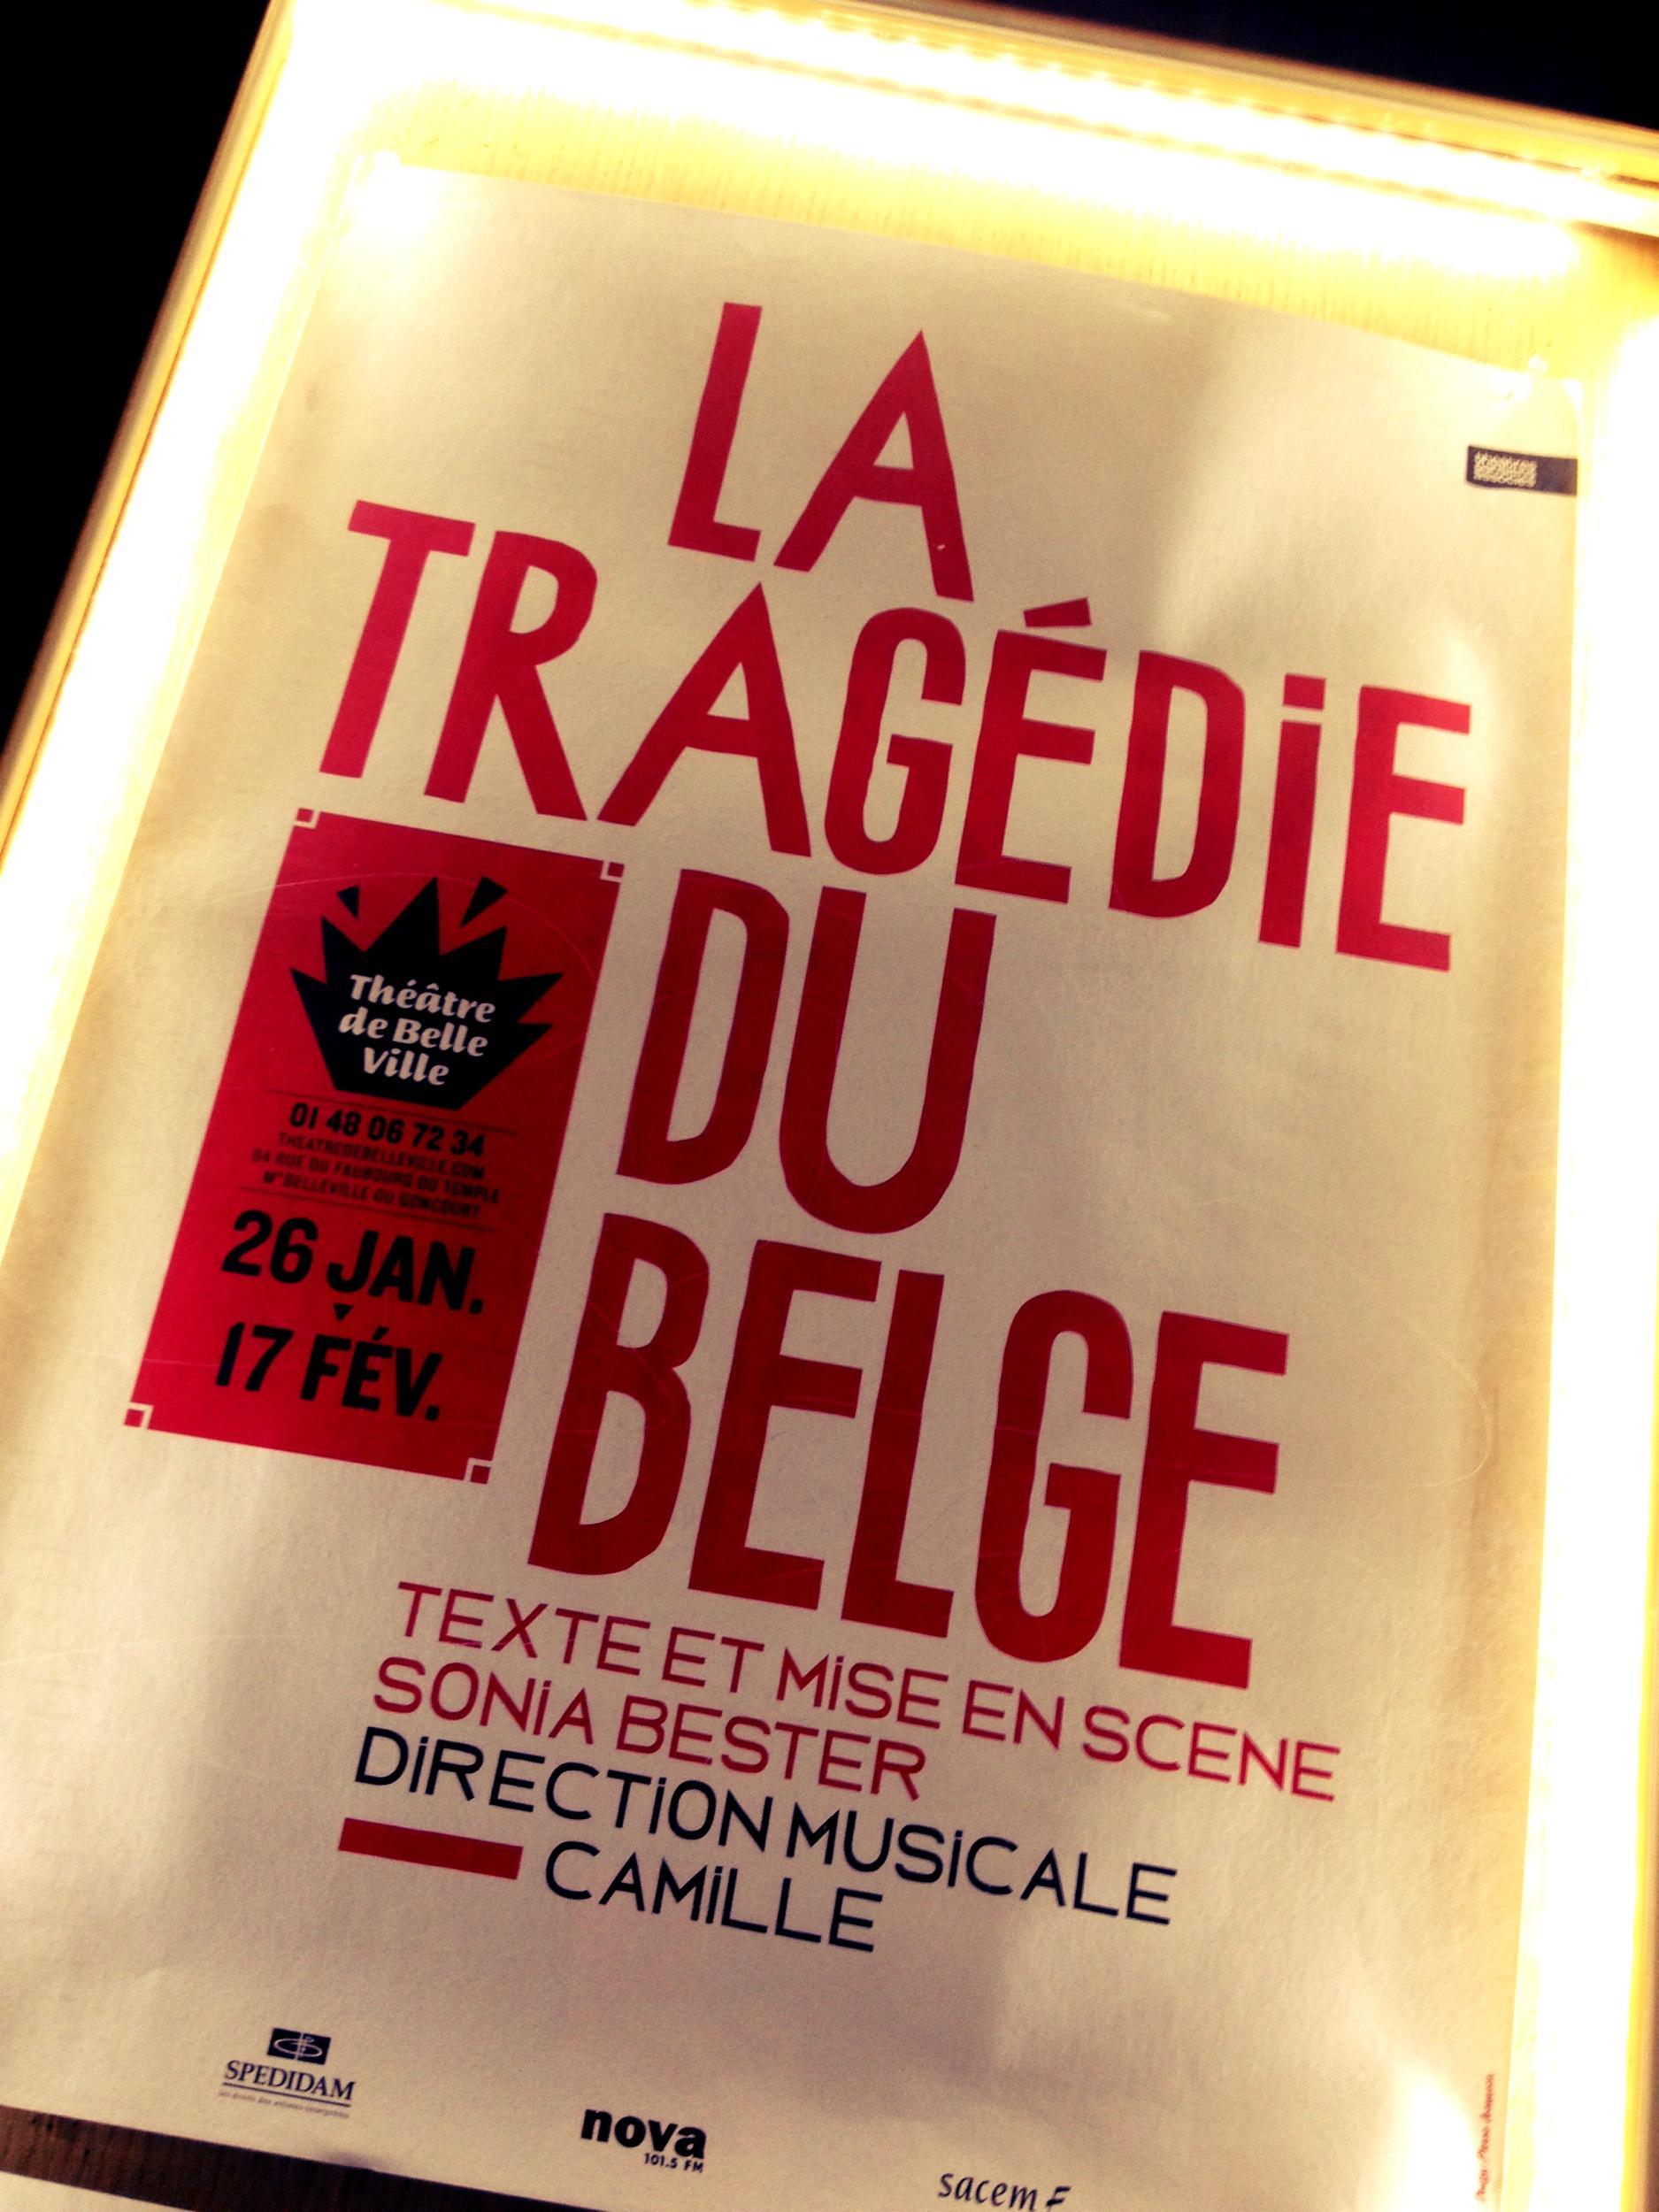 La Tragédie du Belge pièce musicale texte et mise en scène Sonia Bester direction musicale Camille Affiche Théâtre de Belleville Paris photo by United States of Paris Blog